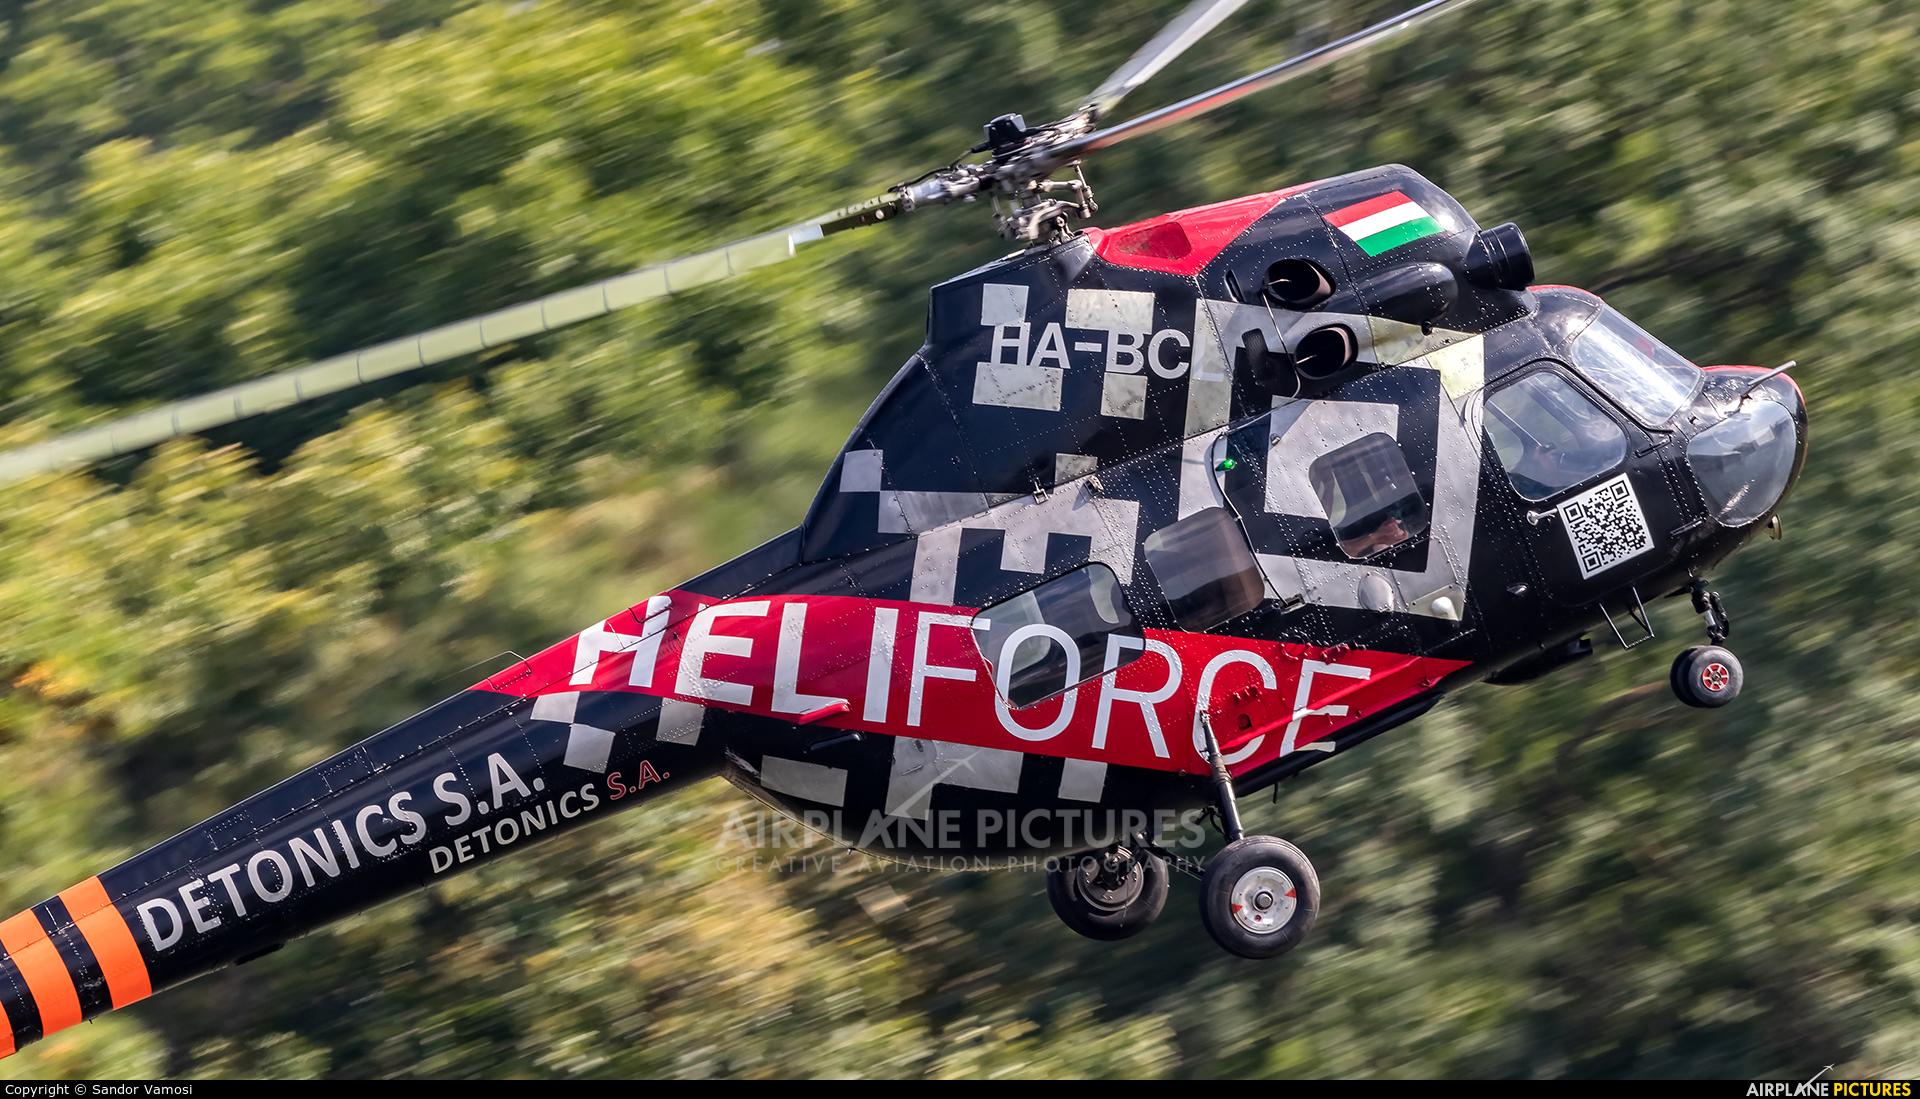 Forgószárny KFT HA-BCL aircraft at Off Airport - Hungary